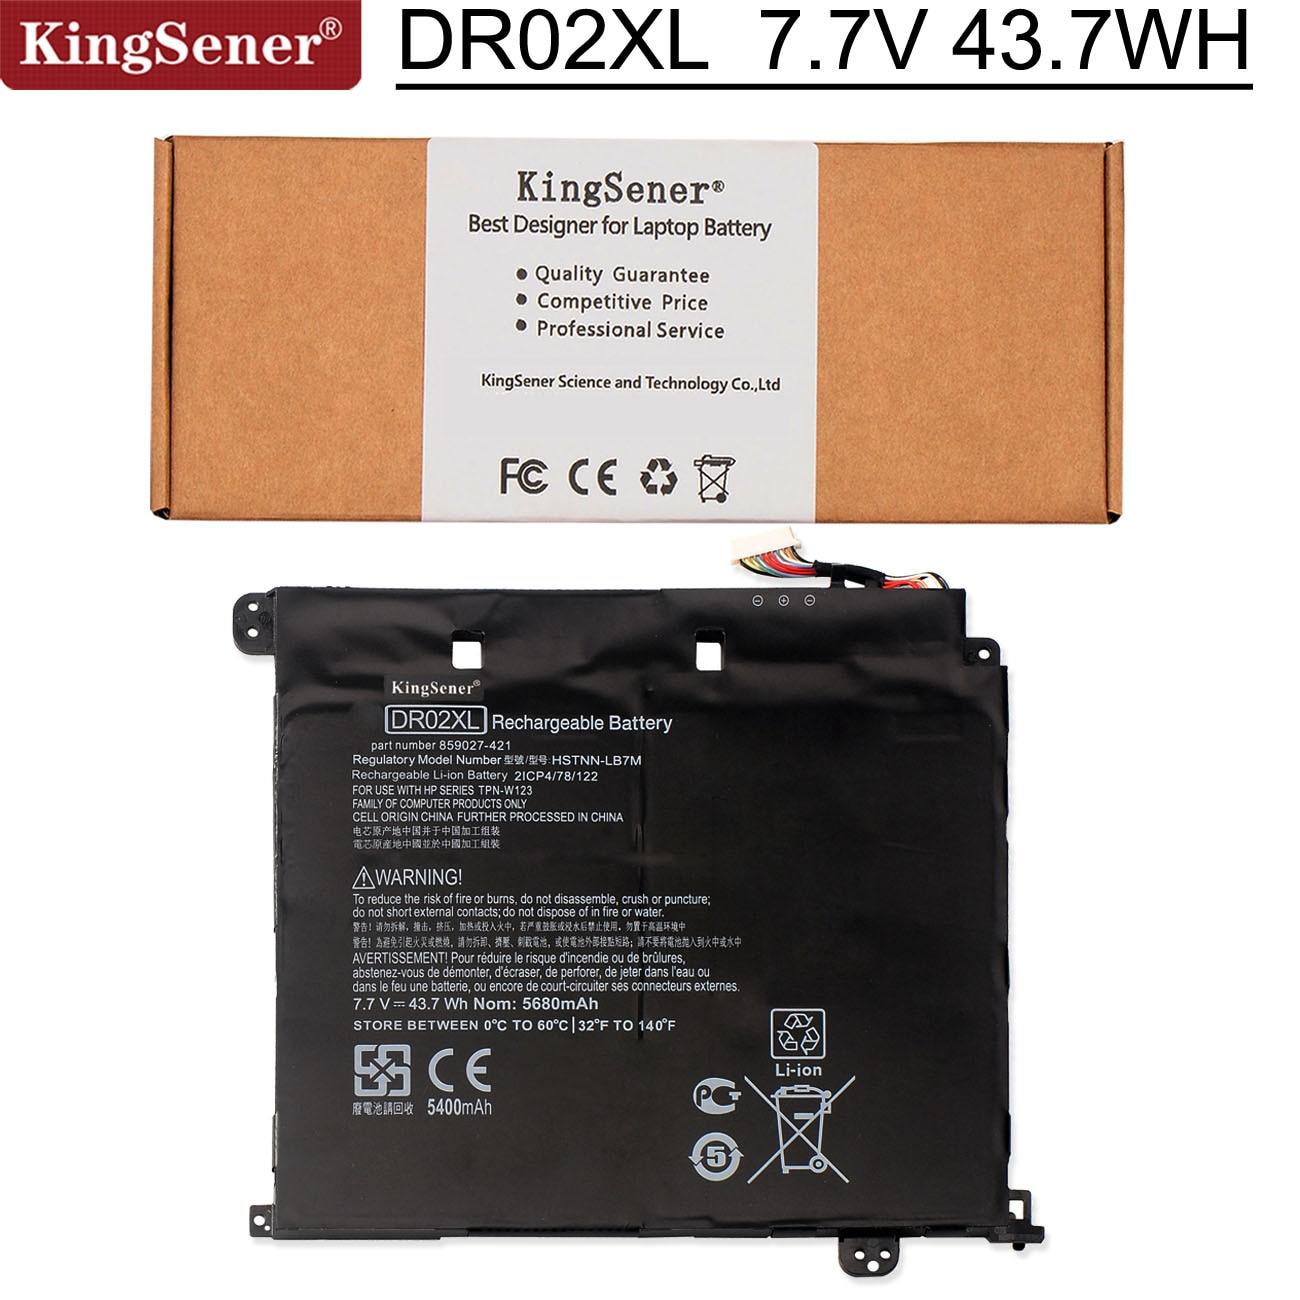 Аккумулятор Kingsener DR02XL HSTNN-IB7M 855710-001 для HP Chromebook 11 G5(X9U05UT) 859027-1C1 859027-121 859027-421